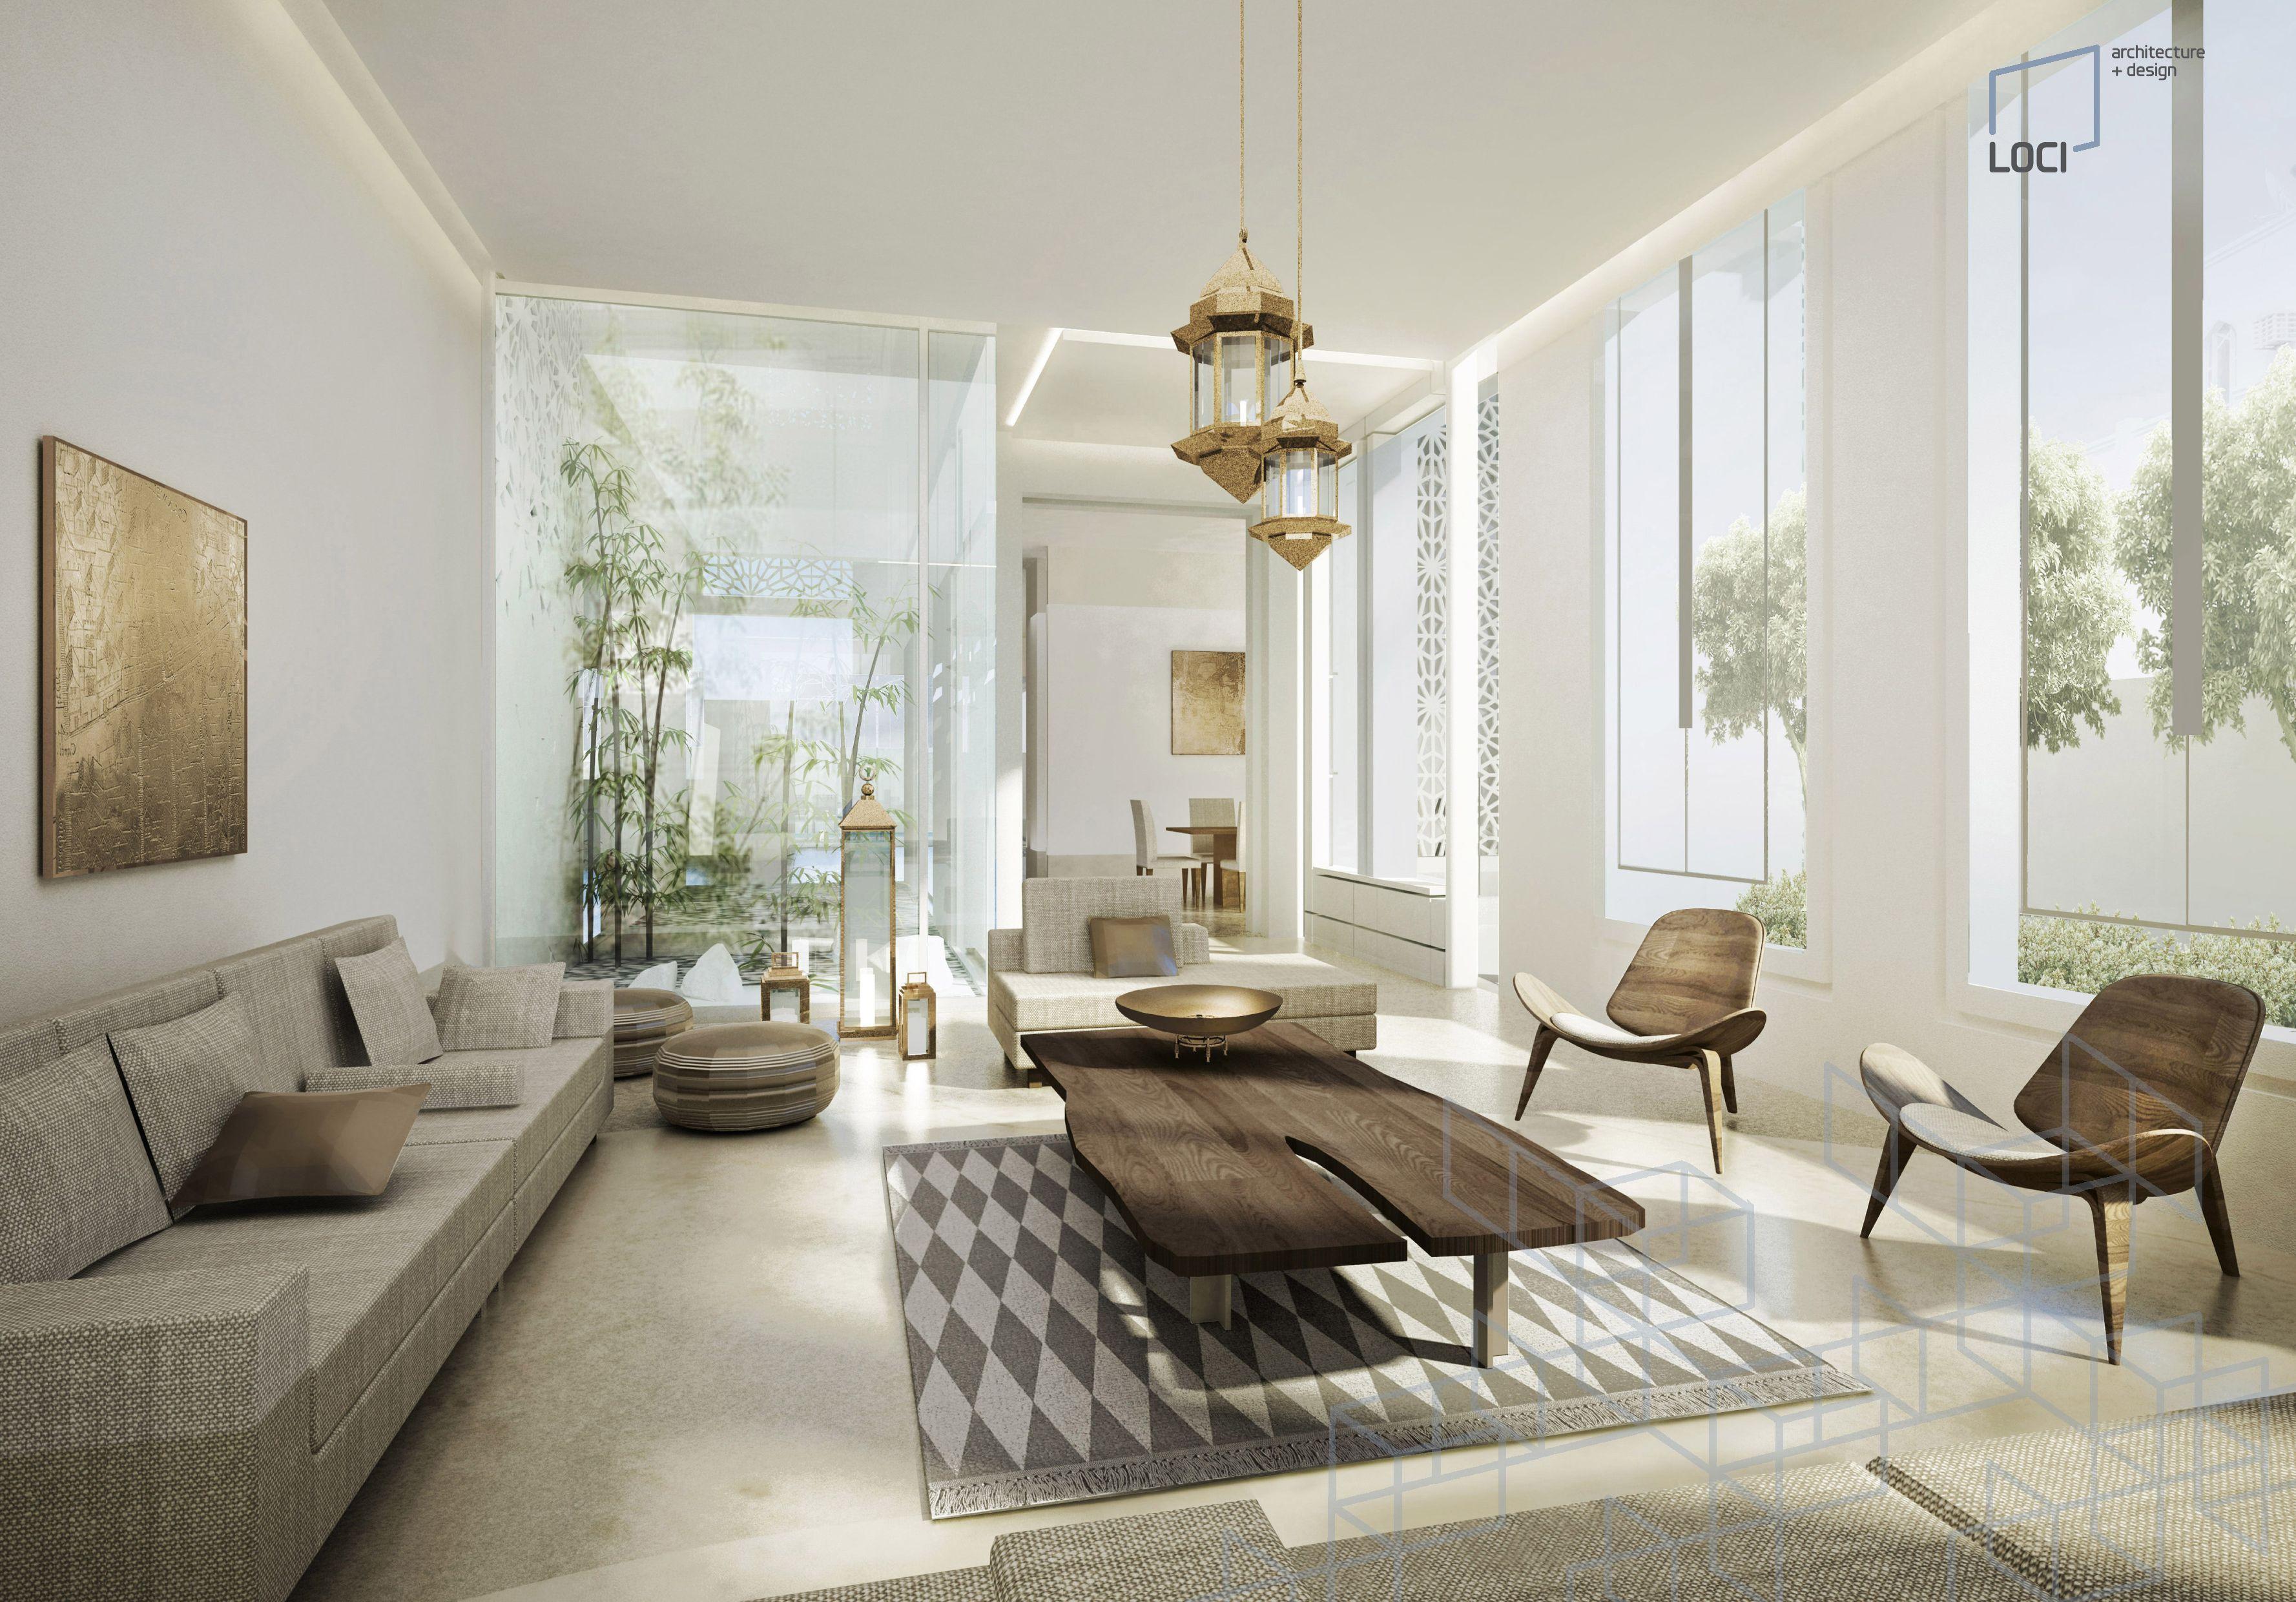 Private Villa LOCI architecture design Projects